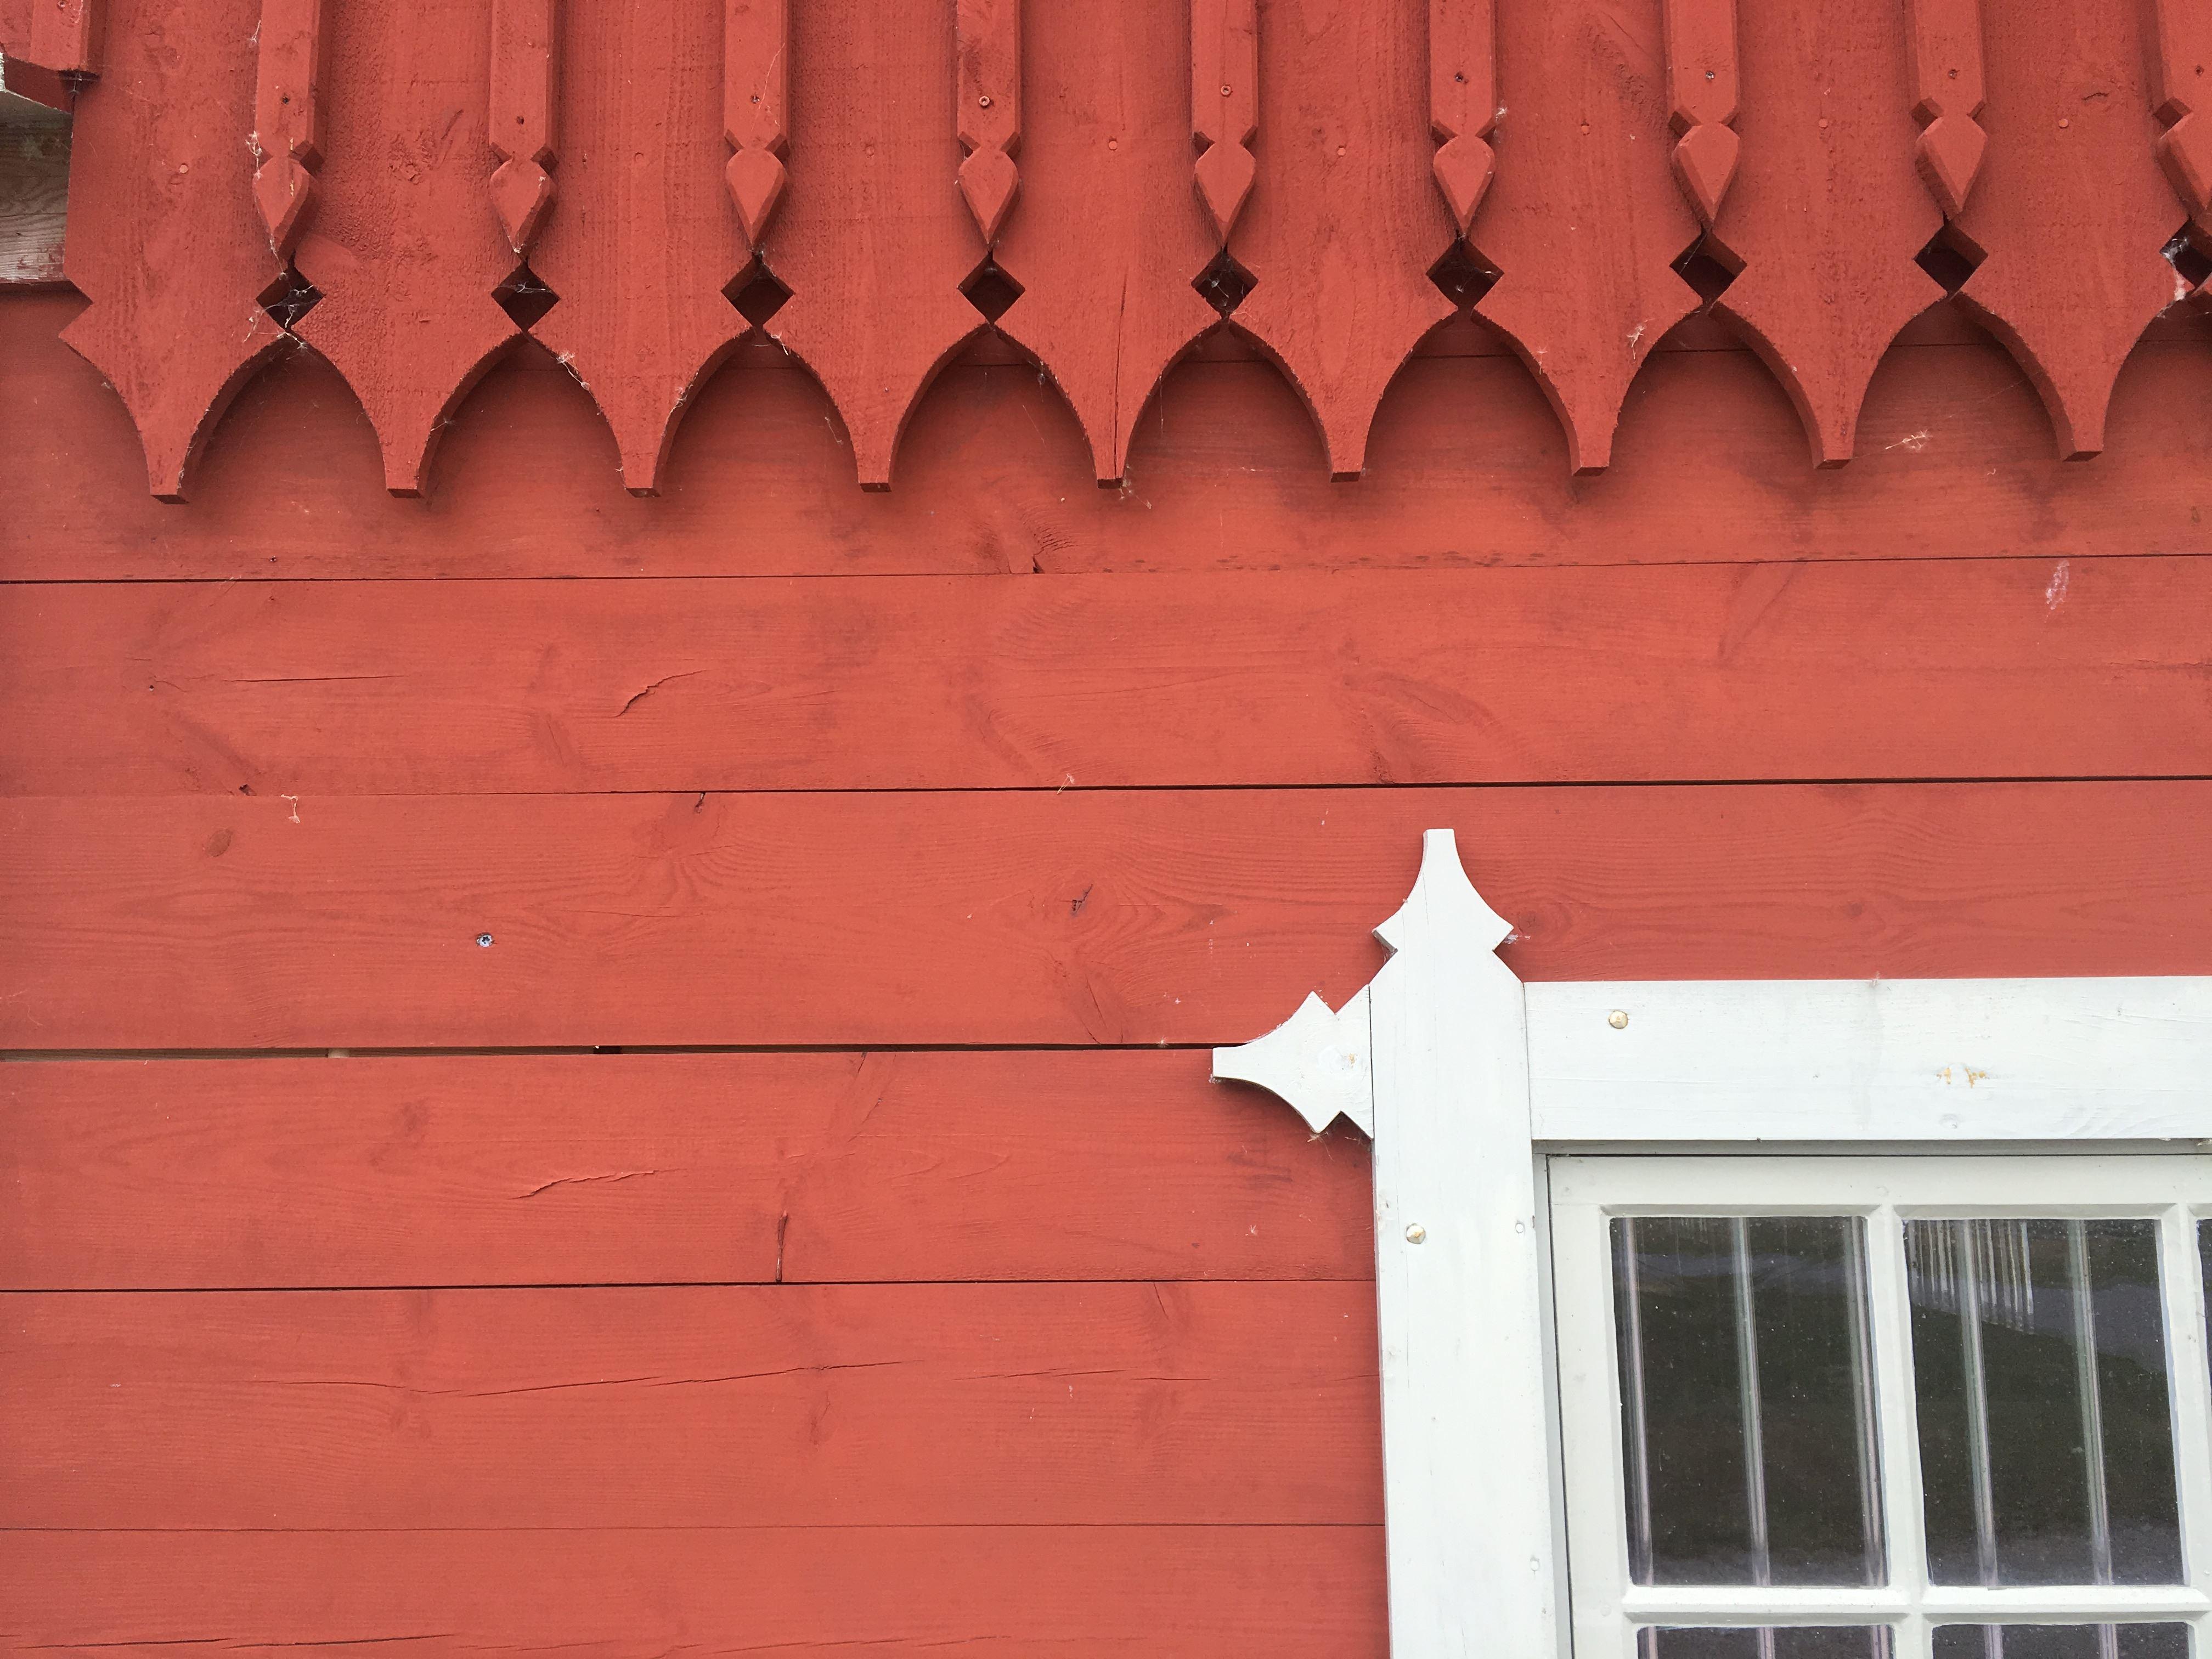 Wederslöf Byggnadsvård